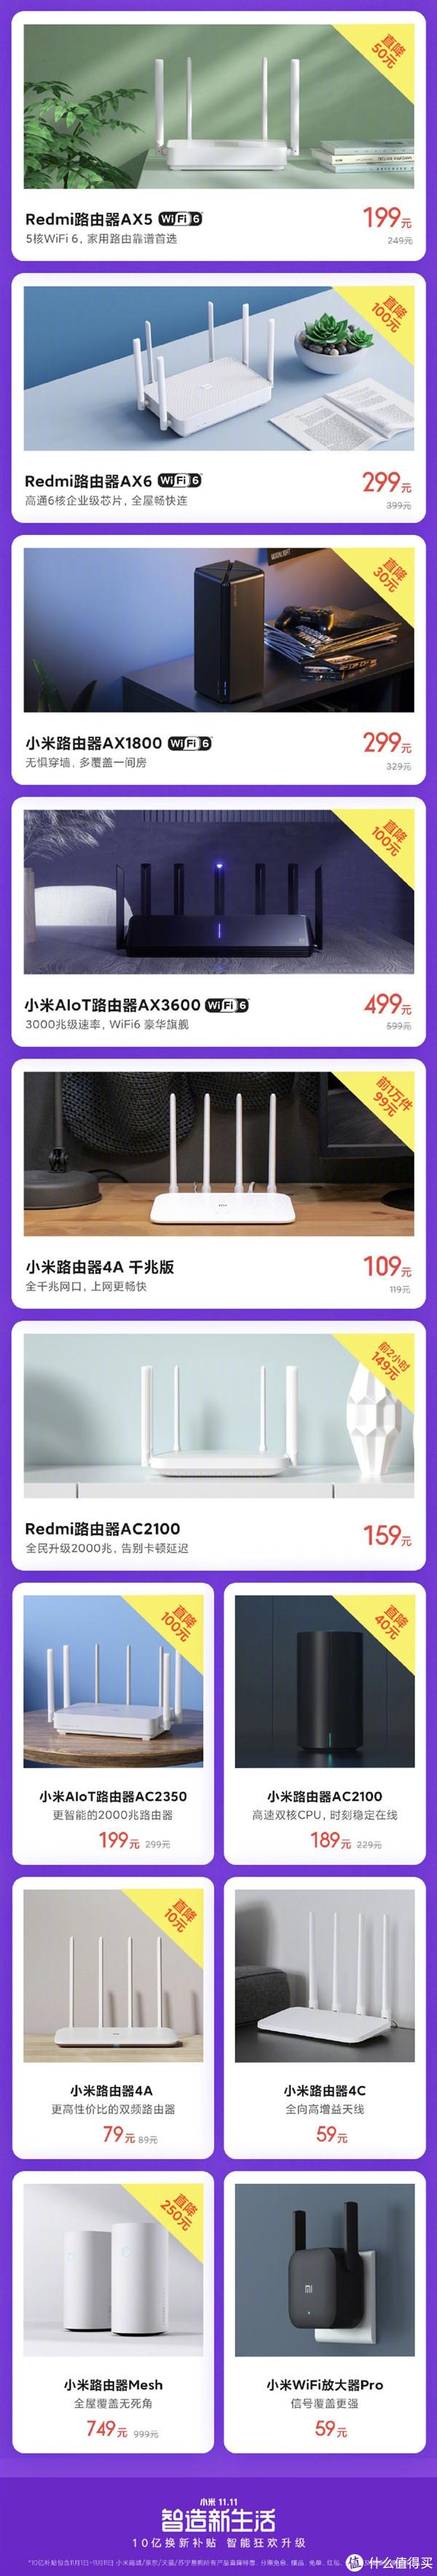 """小米路由器""""双11""""多款特惠:Wi-Fi 6机型最高直降100元"""